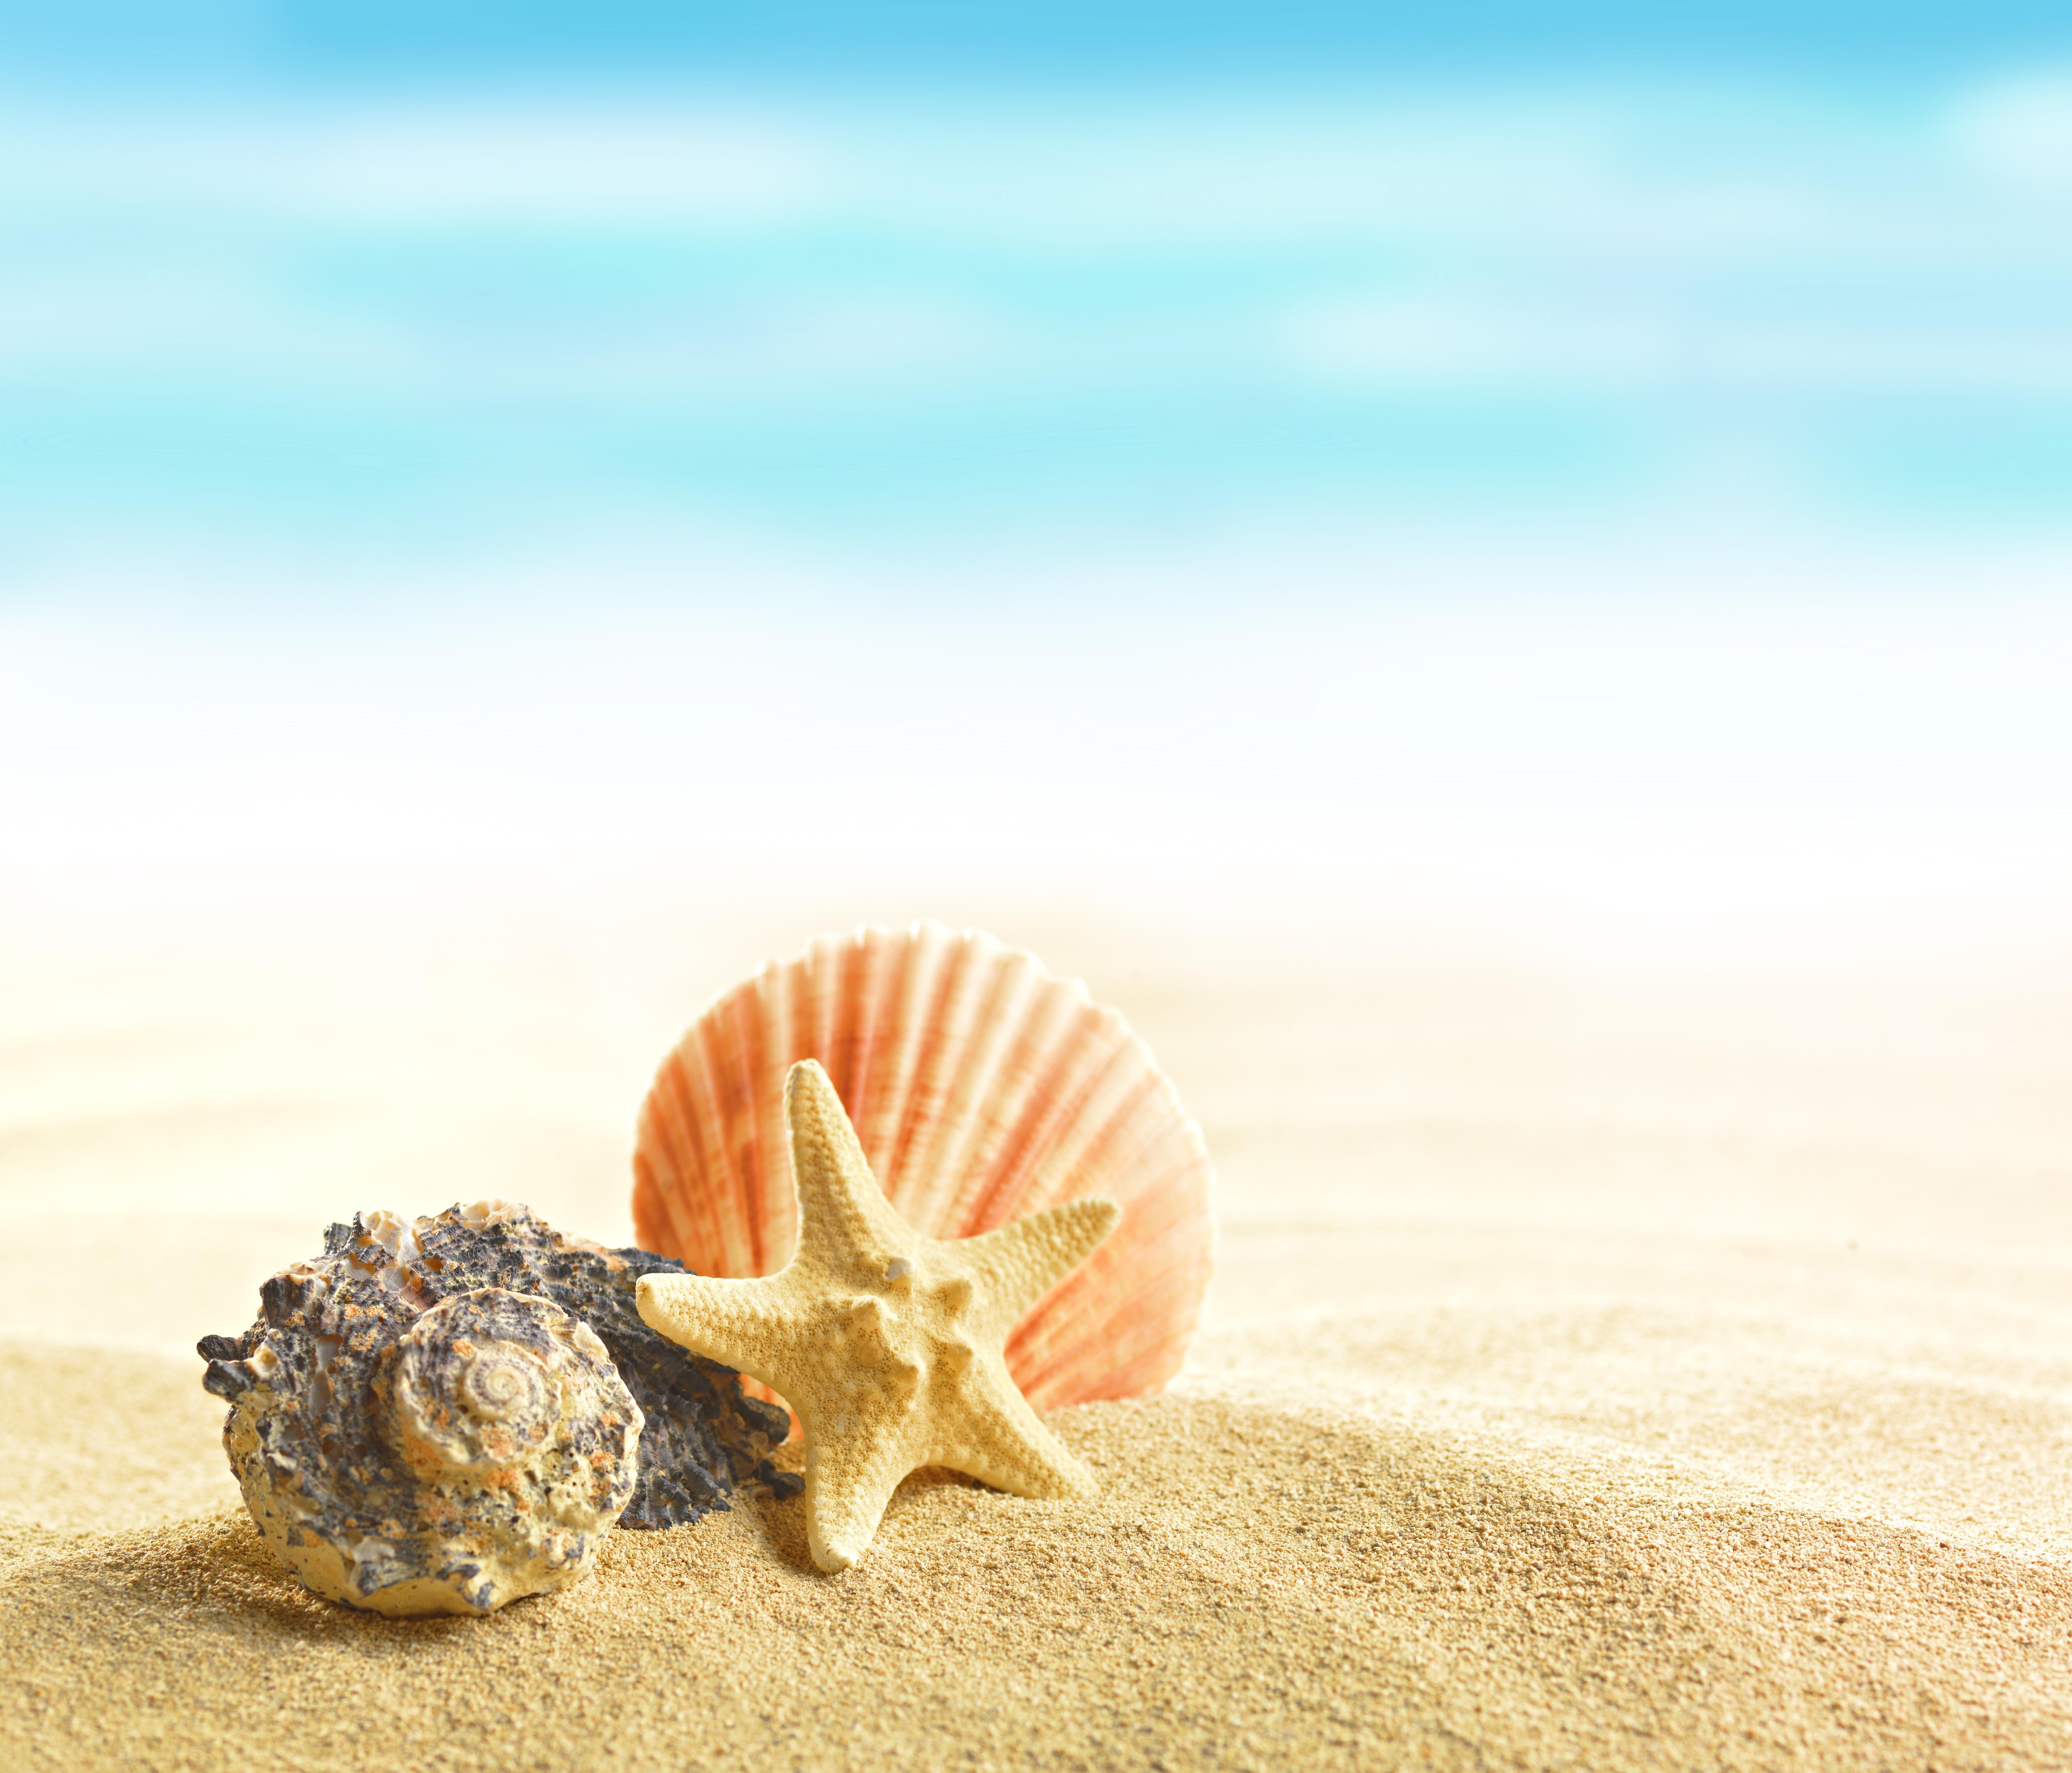 Download Wallpaper Summer Beach Sand Shells Seashells Section